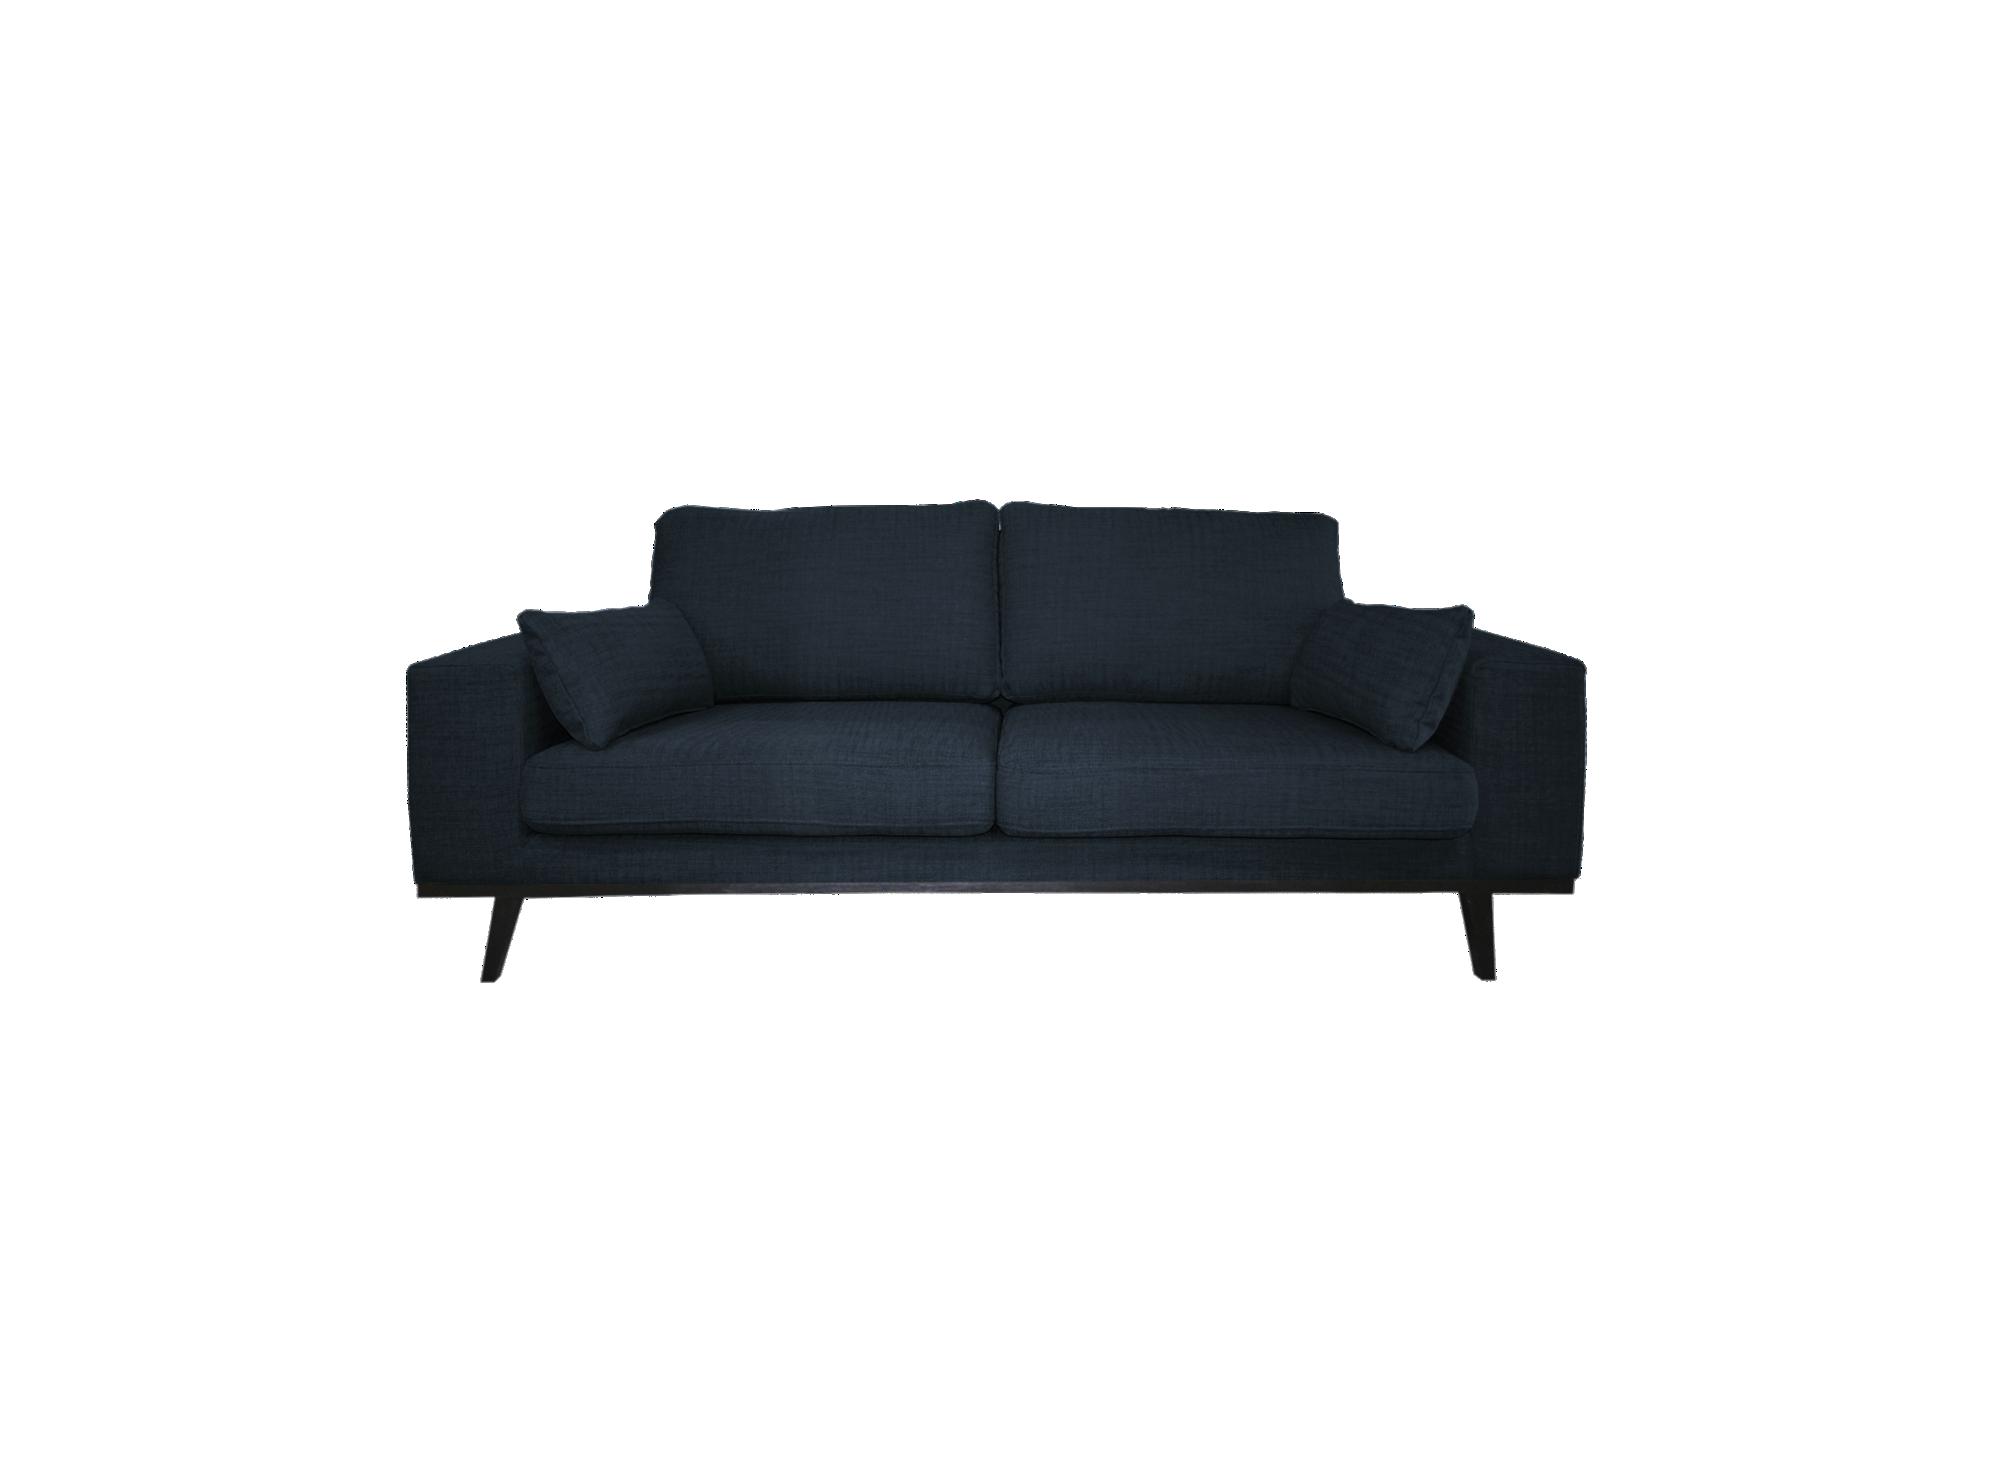 canape fixe 2 places tissu bleu canap fixe cat gories canap fly. Black Bedroom Furniture Sets. Home Design Ideas